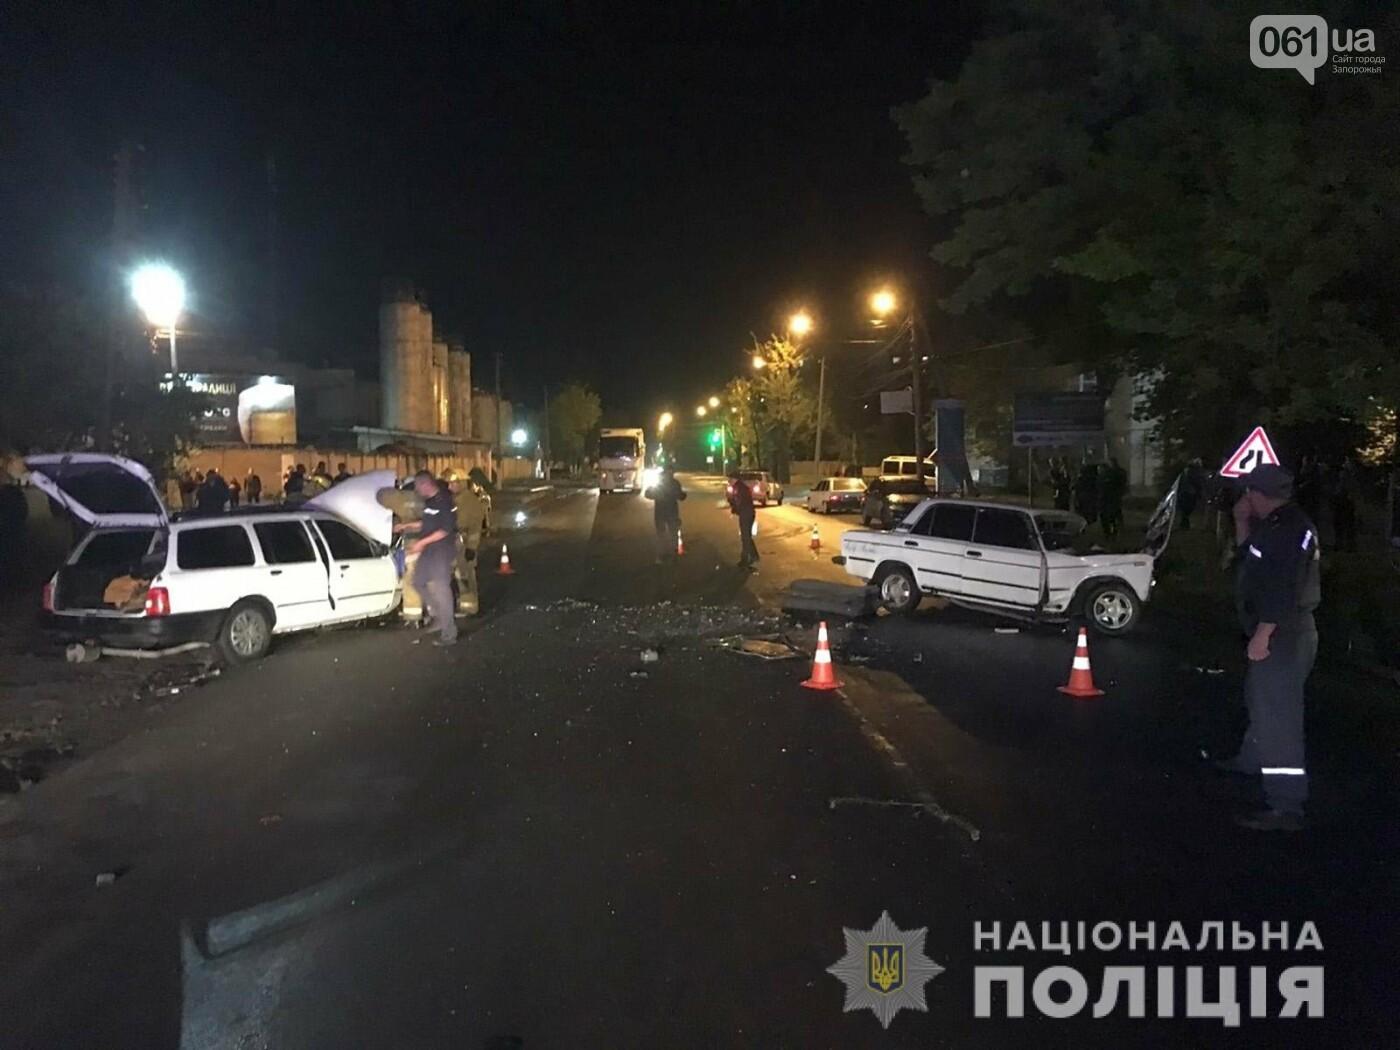 В Мелитополе в результате ДТП пострадали 3 человека, - ФОТО, фото-1